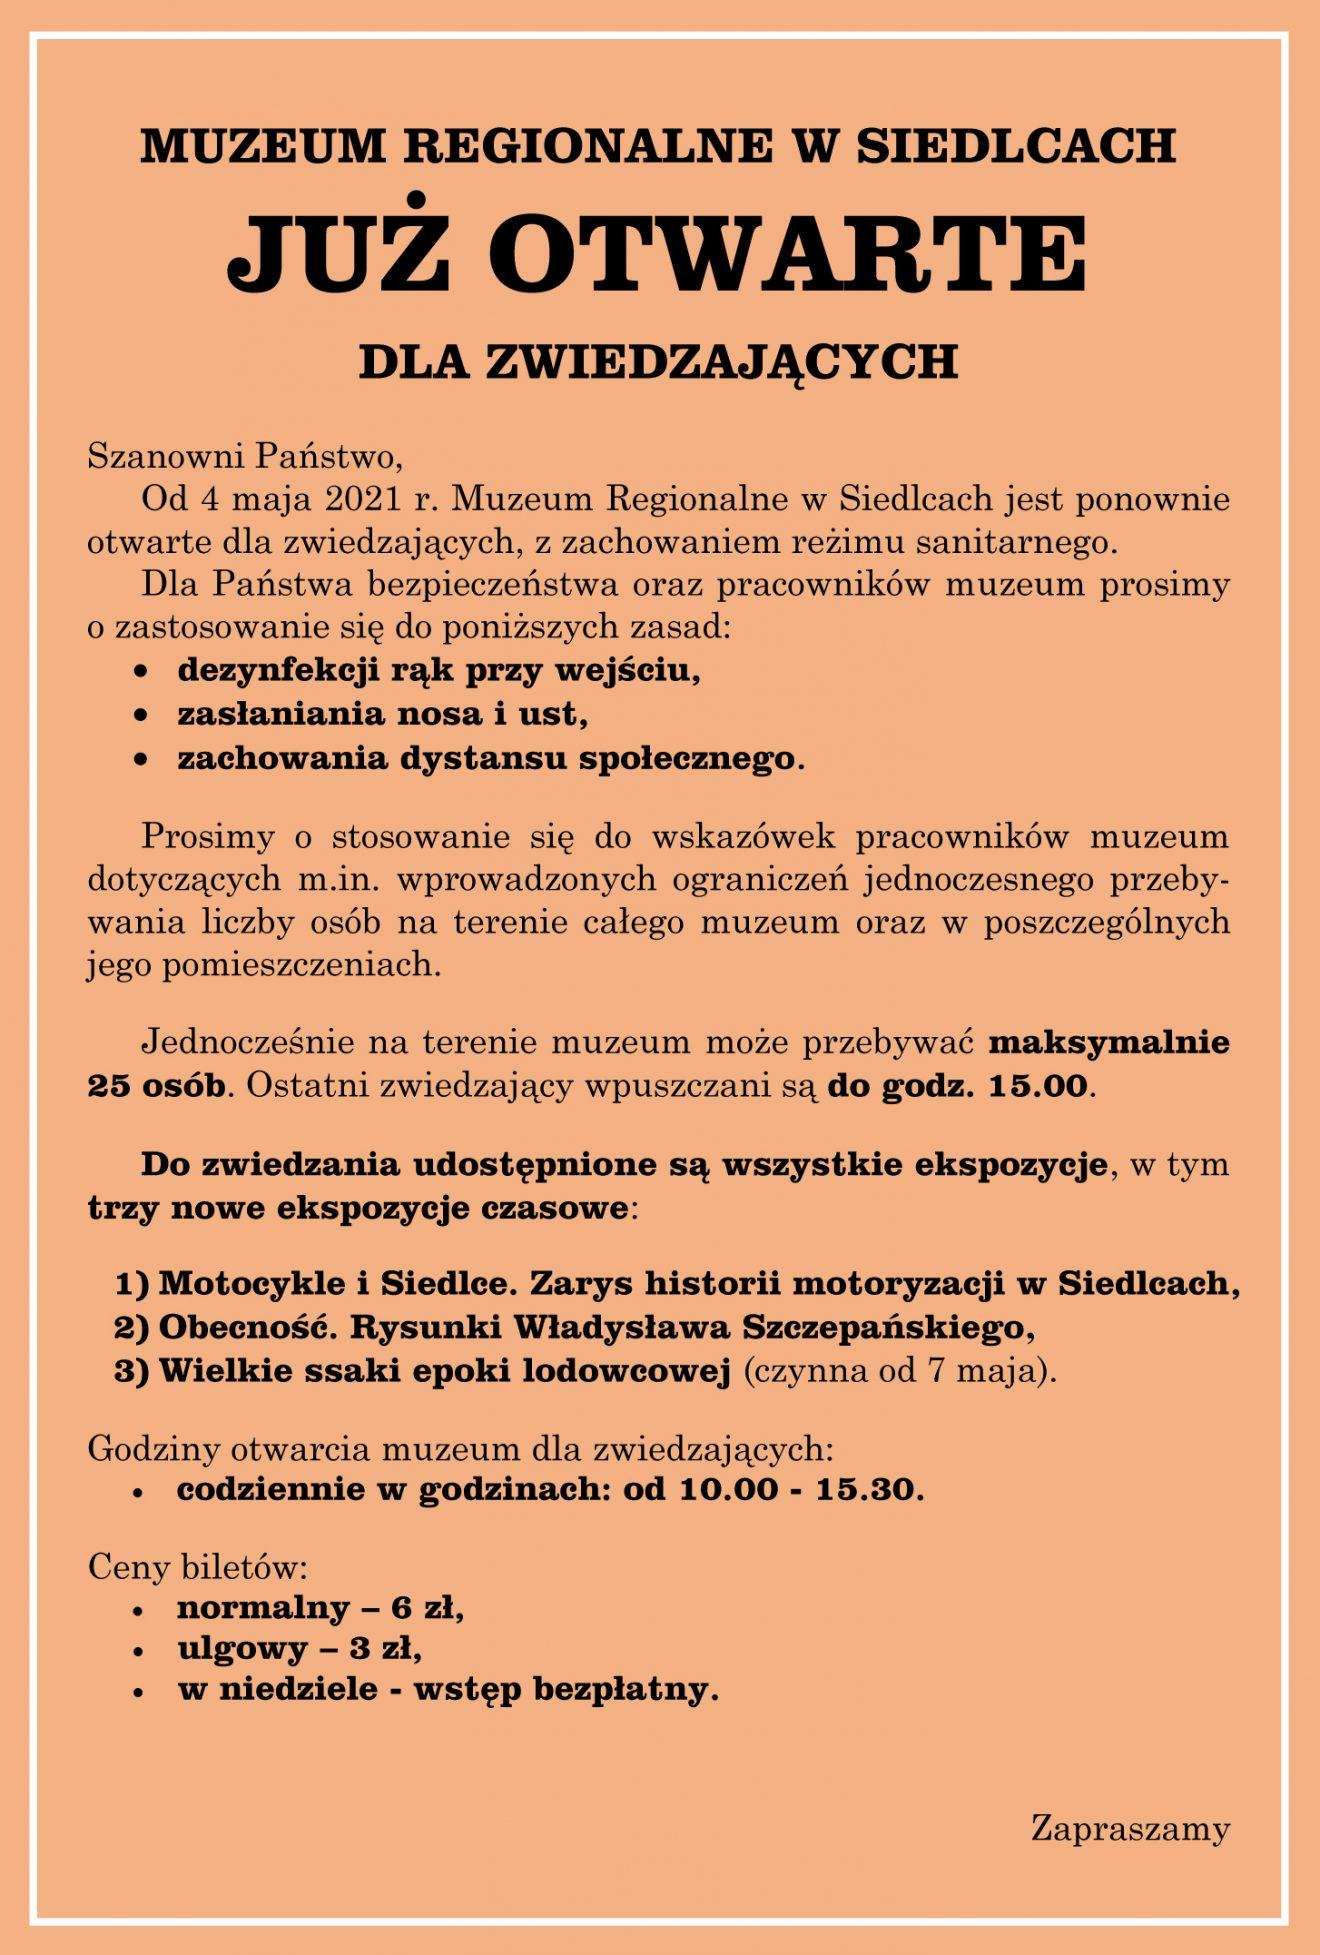 Ogłoszenie z informacją o otwarciu muzeum od 4 maja